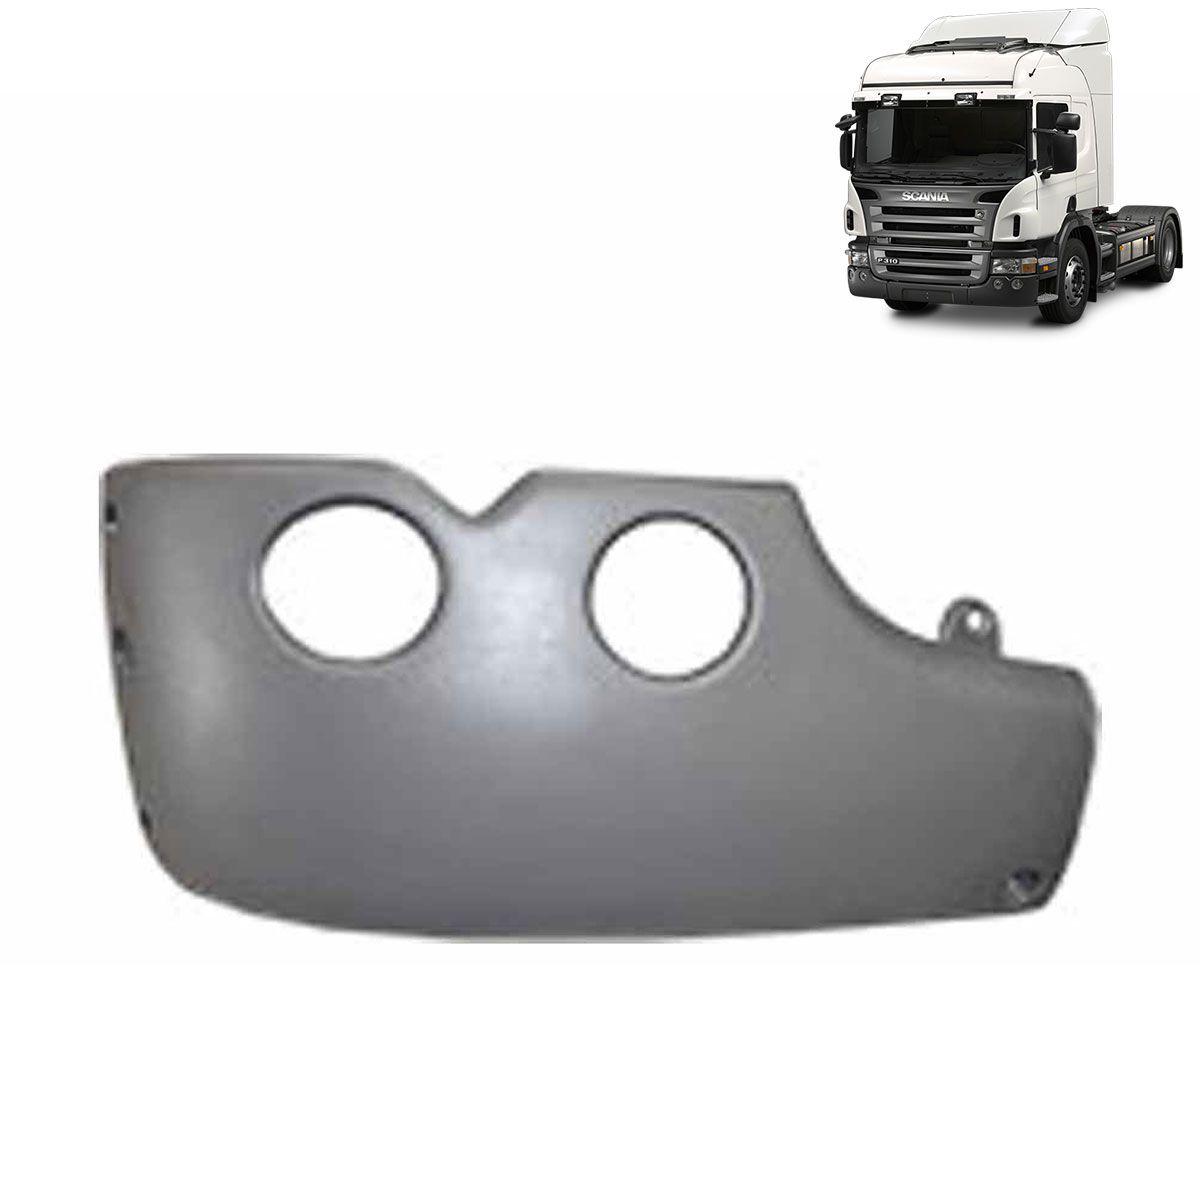 Ponteira Cobertura Para-Choque Compatível com o Caminhão Scania S5 até 2009 LD